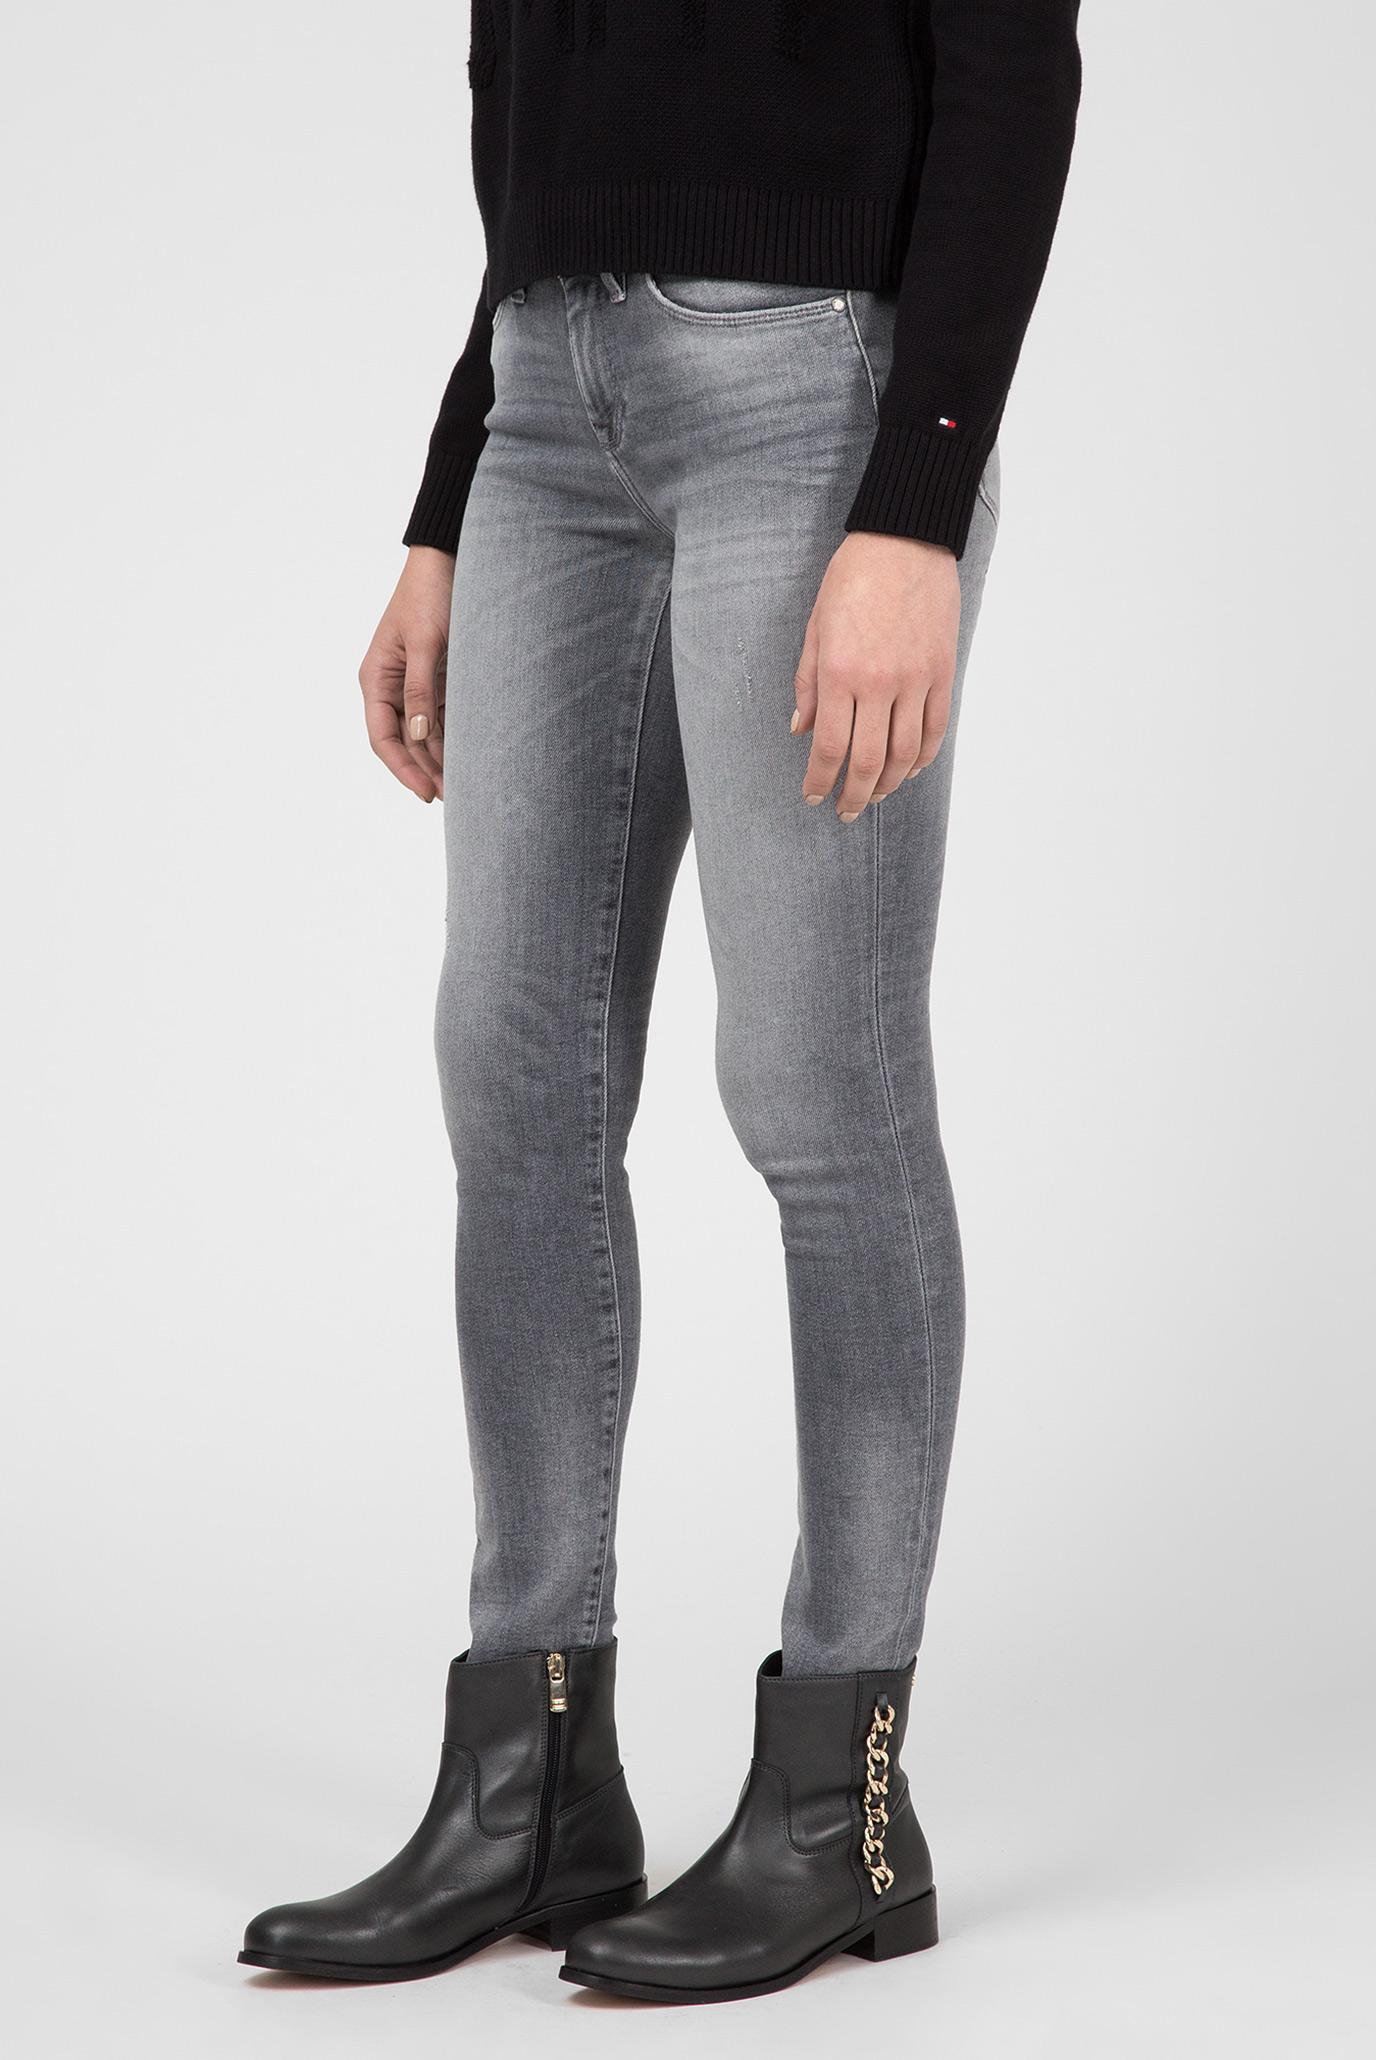 Купить Женские серые джинсы COMO Tommy Hilfiger Tommy Hilfiger WW0WW23528 – Киев, Украина. Цены в интернет магазине MD Fashion